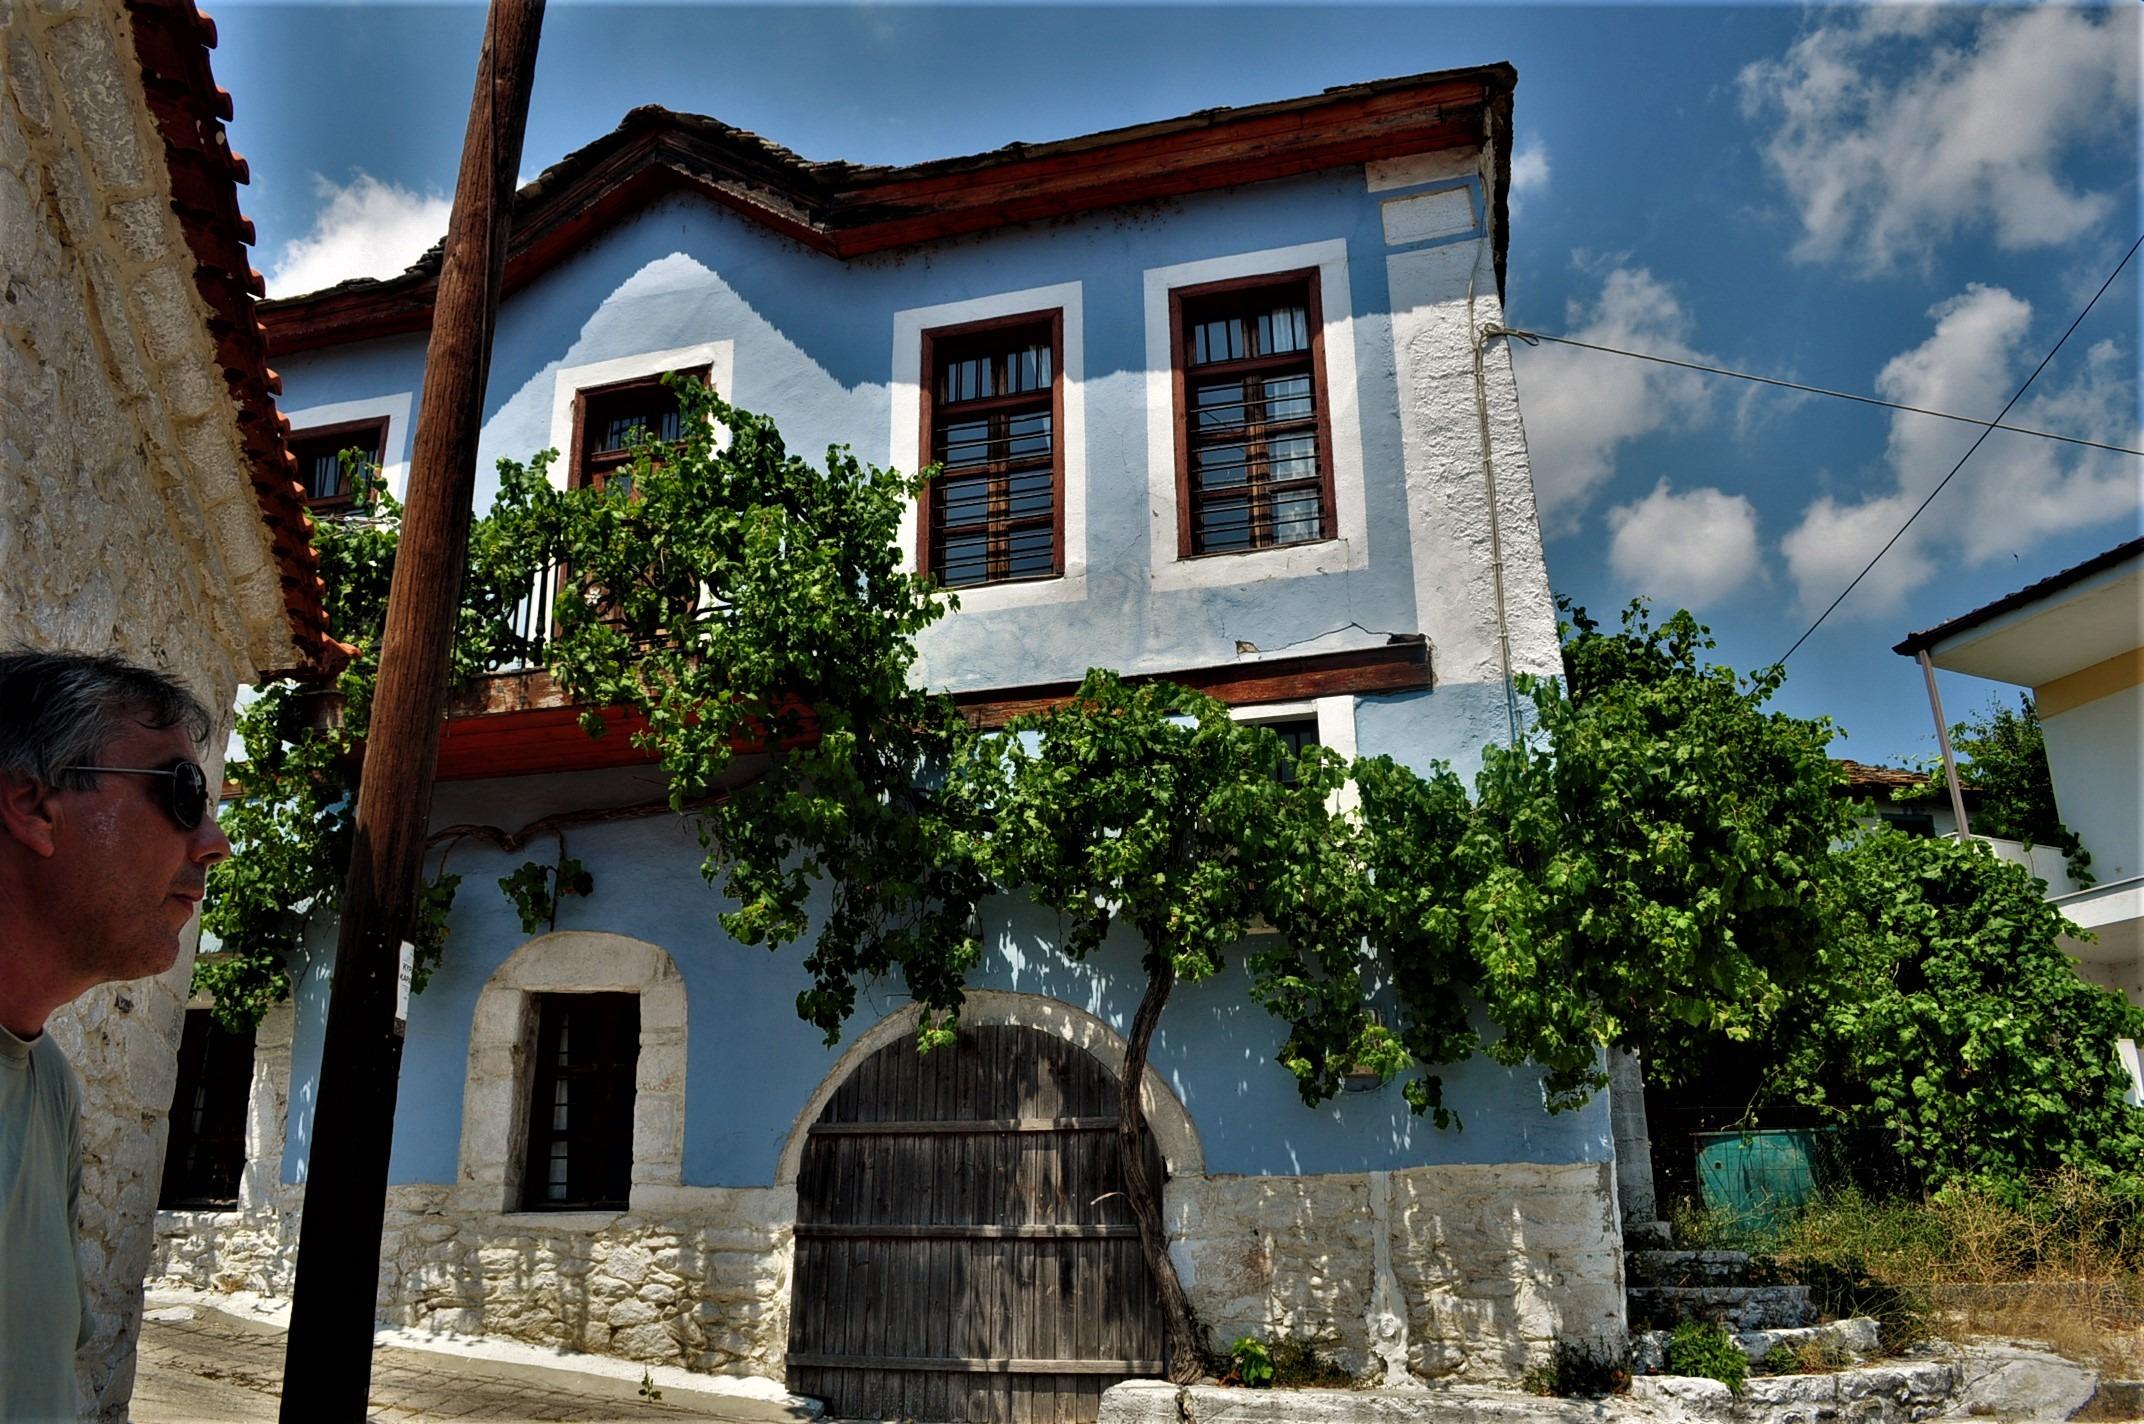 Скрито дълбоко в планината се намира Теологос – старата столица на Тасос.